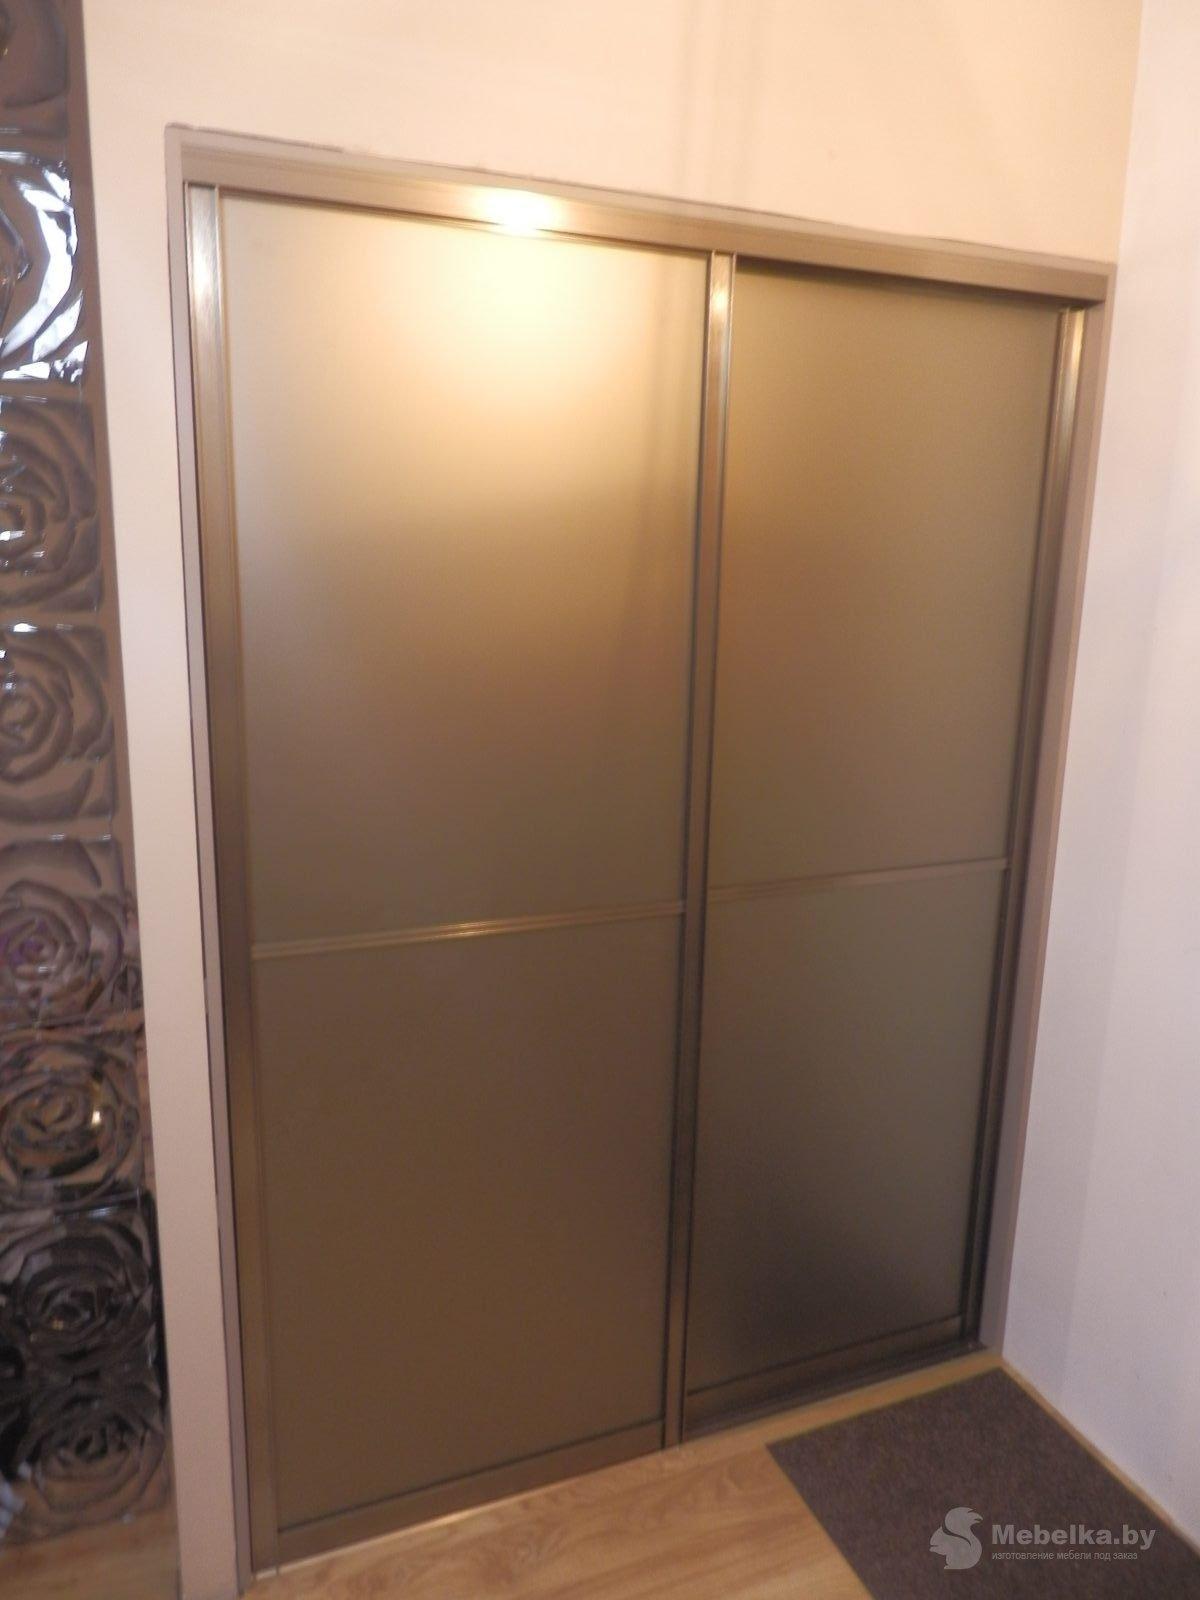 Раздвижные двери-купе. Зеркало бронза сатин. Профиль шампань браш